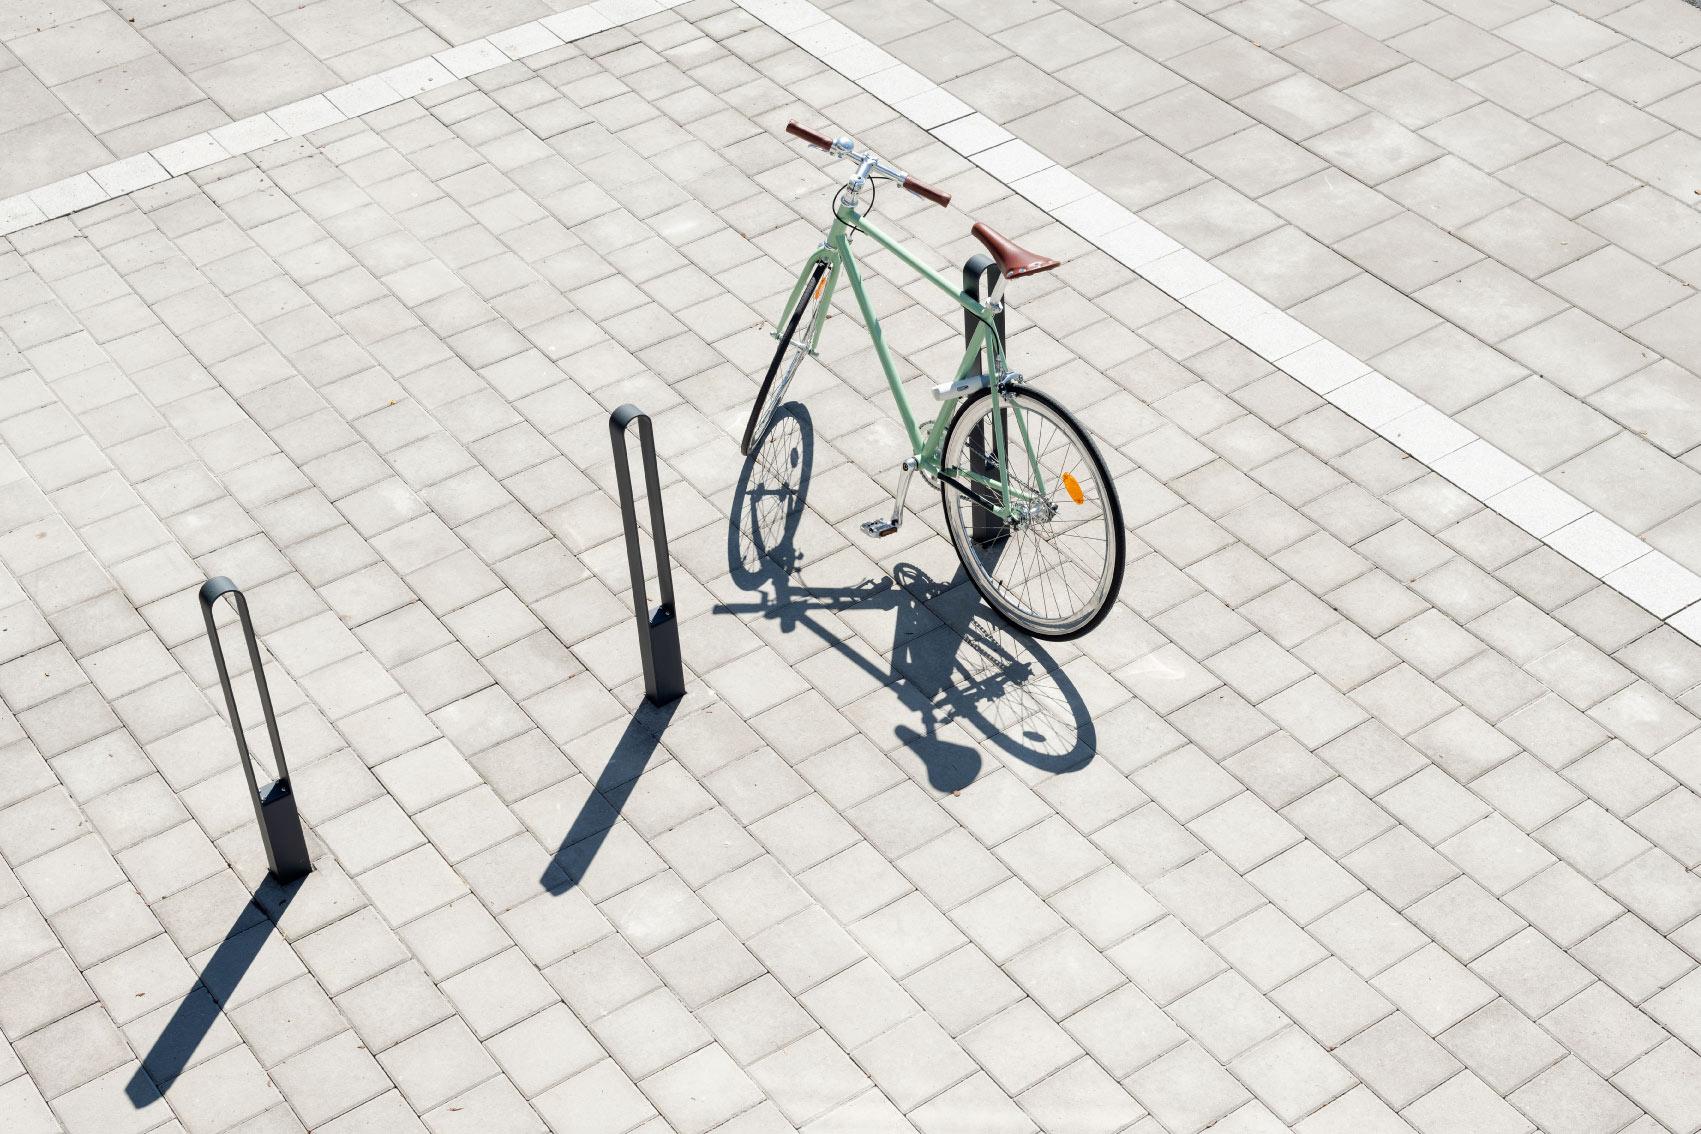 Tre cykelpollare LUX från Cyklos där det vid en av pollarna står en grön cykel